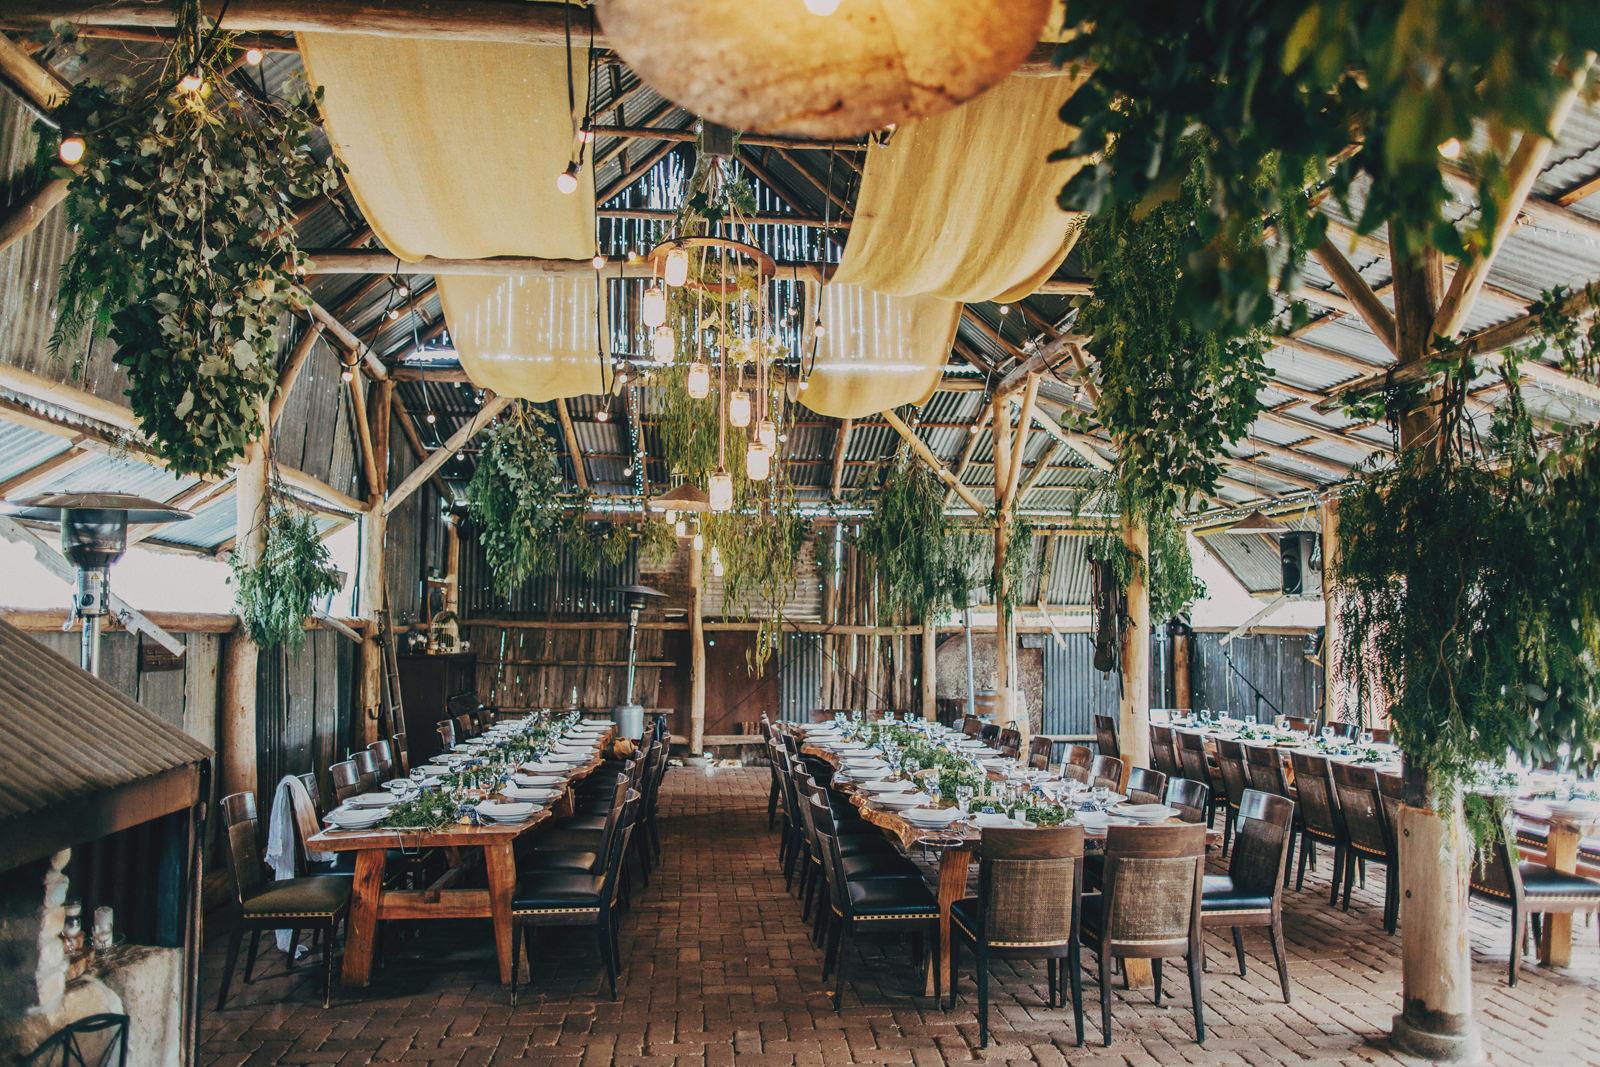 Thiết kế nhà hàng tiệc cưới phong cách Rustic